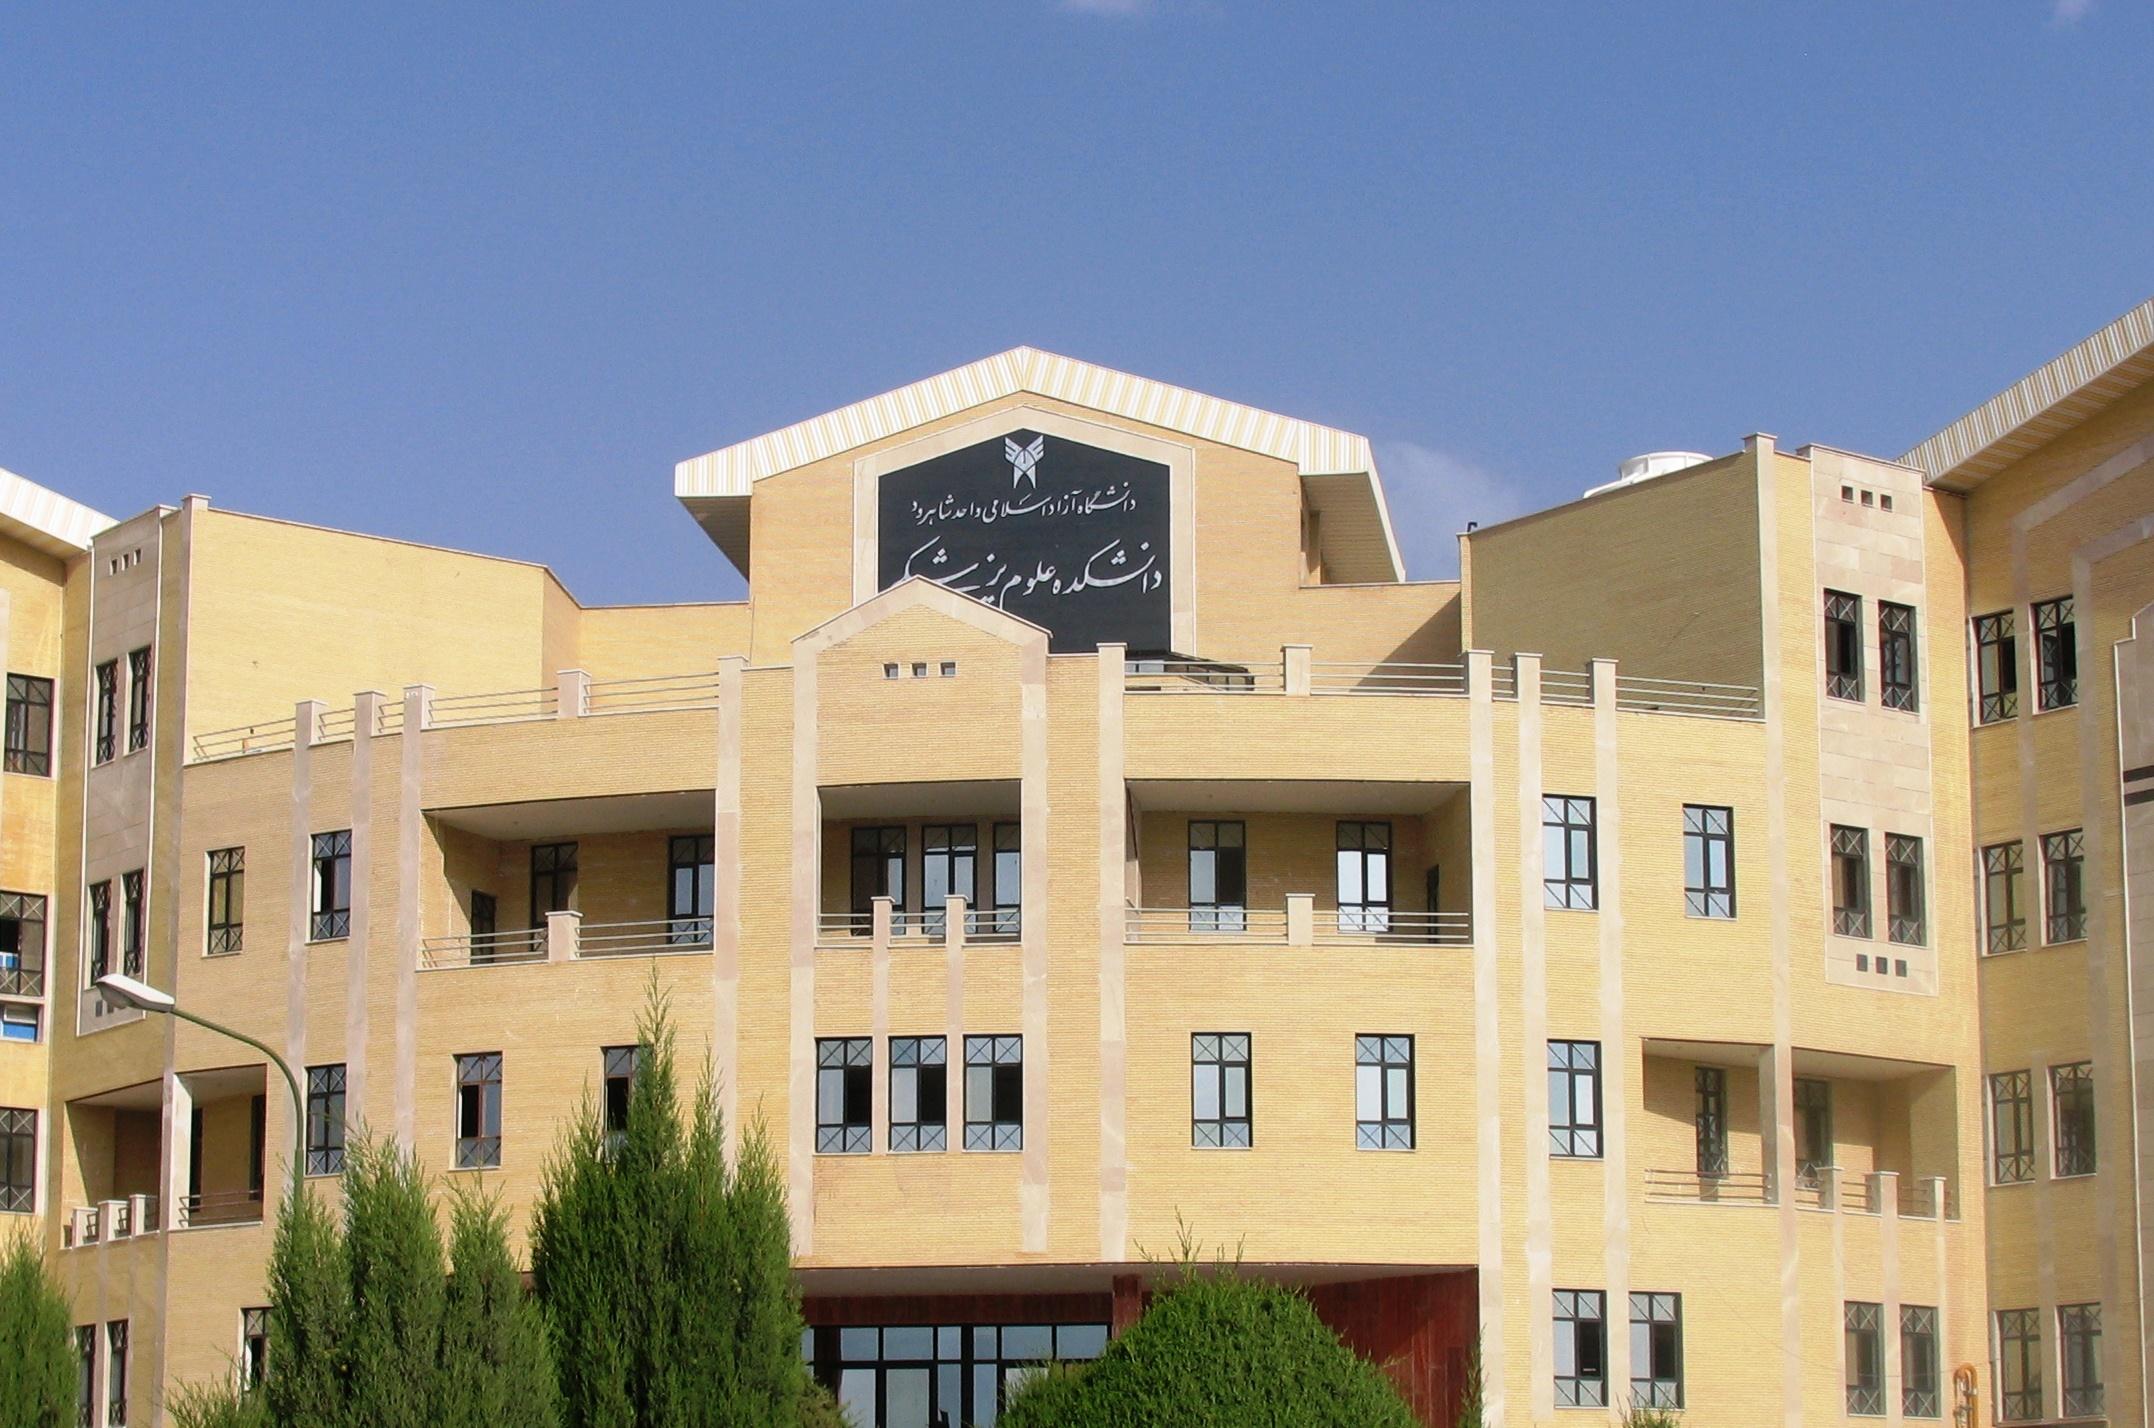 راهیابی دو نفر از دانشجویان پزشکی دانشگاه آزاد اسلامی شاهرود به المپیاد علمی دانشجویان پزشکی کشور